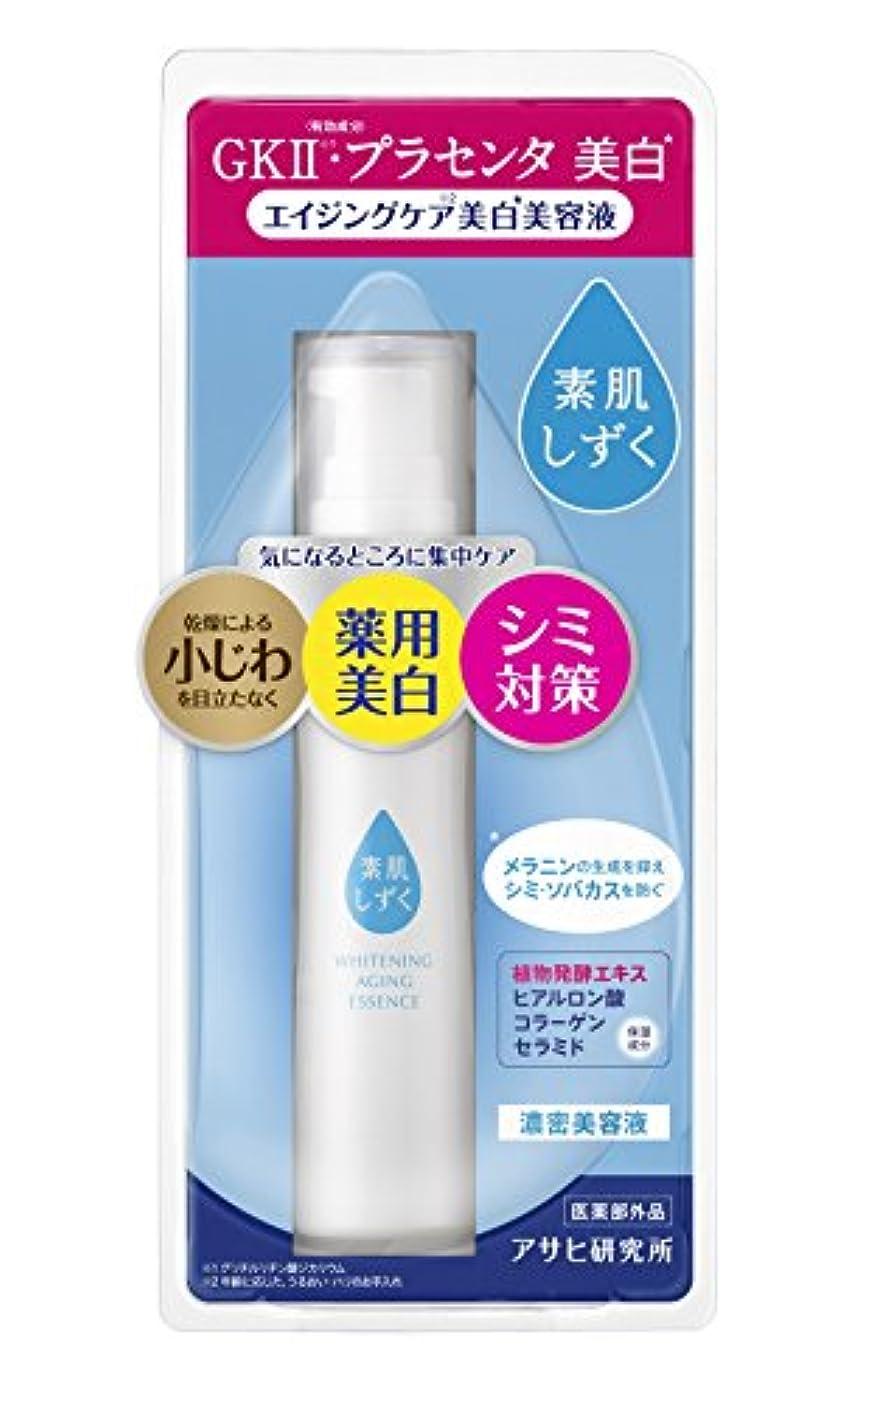 パット包括的ラック【医薬部外品】素肌しずく エイジング美白美容液 45ml